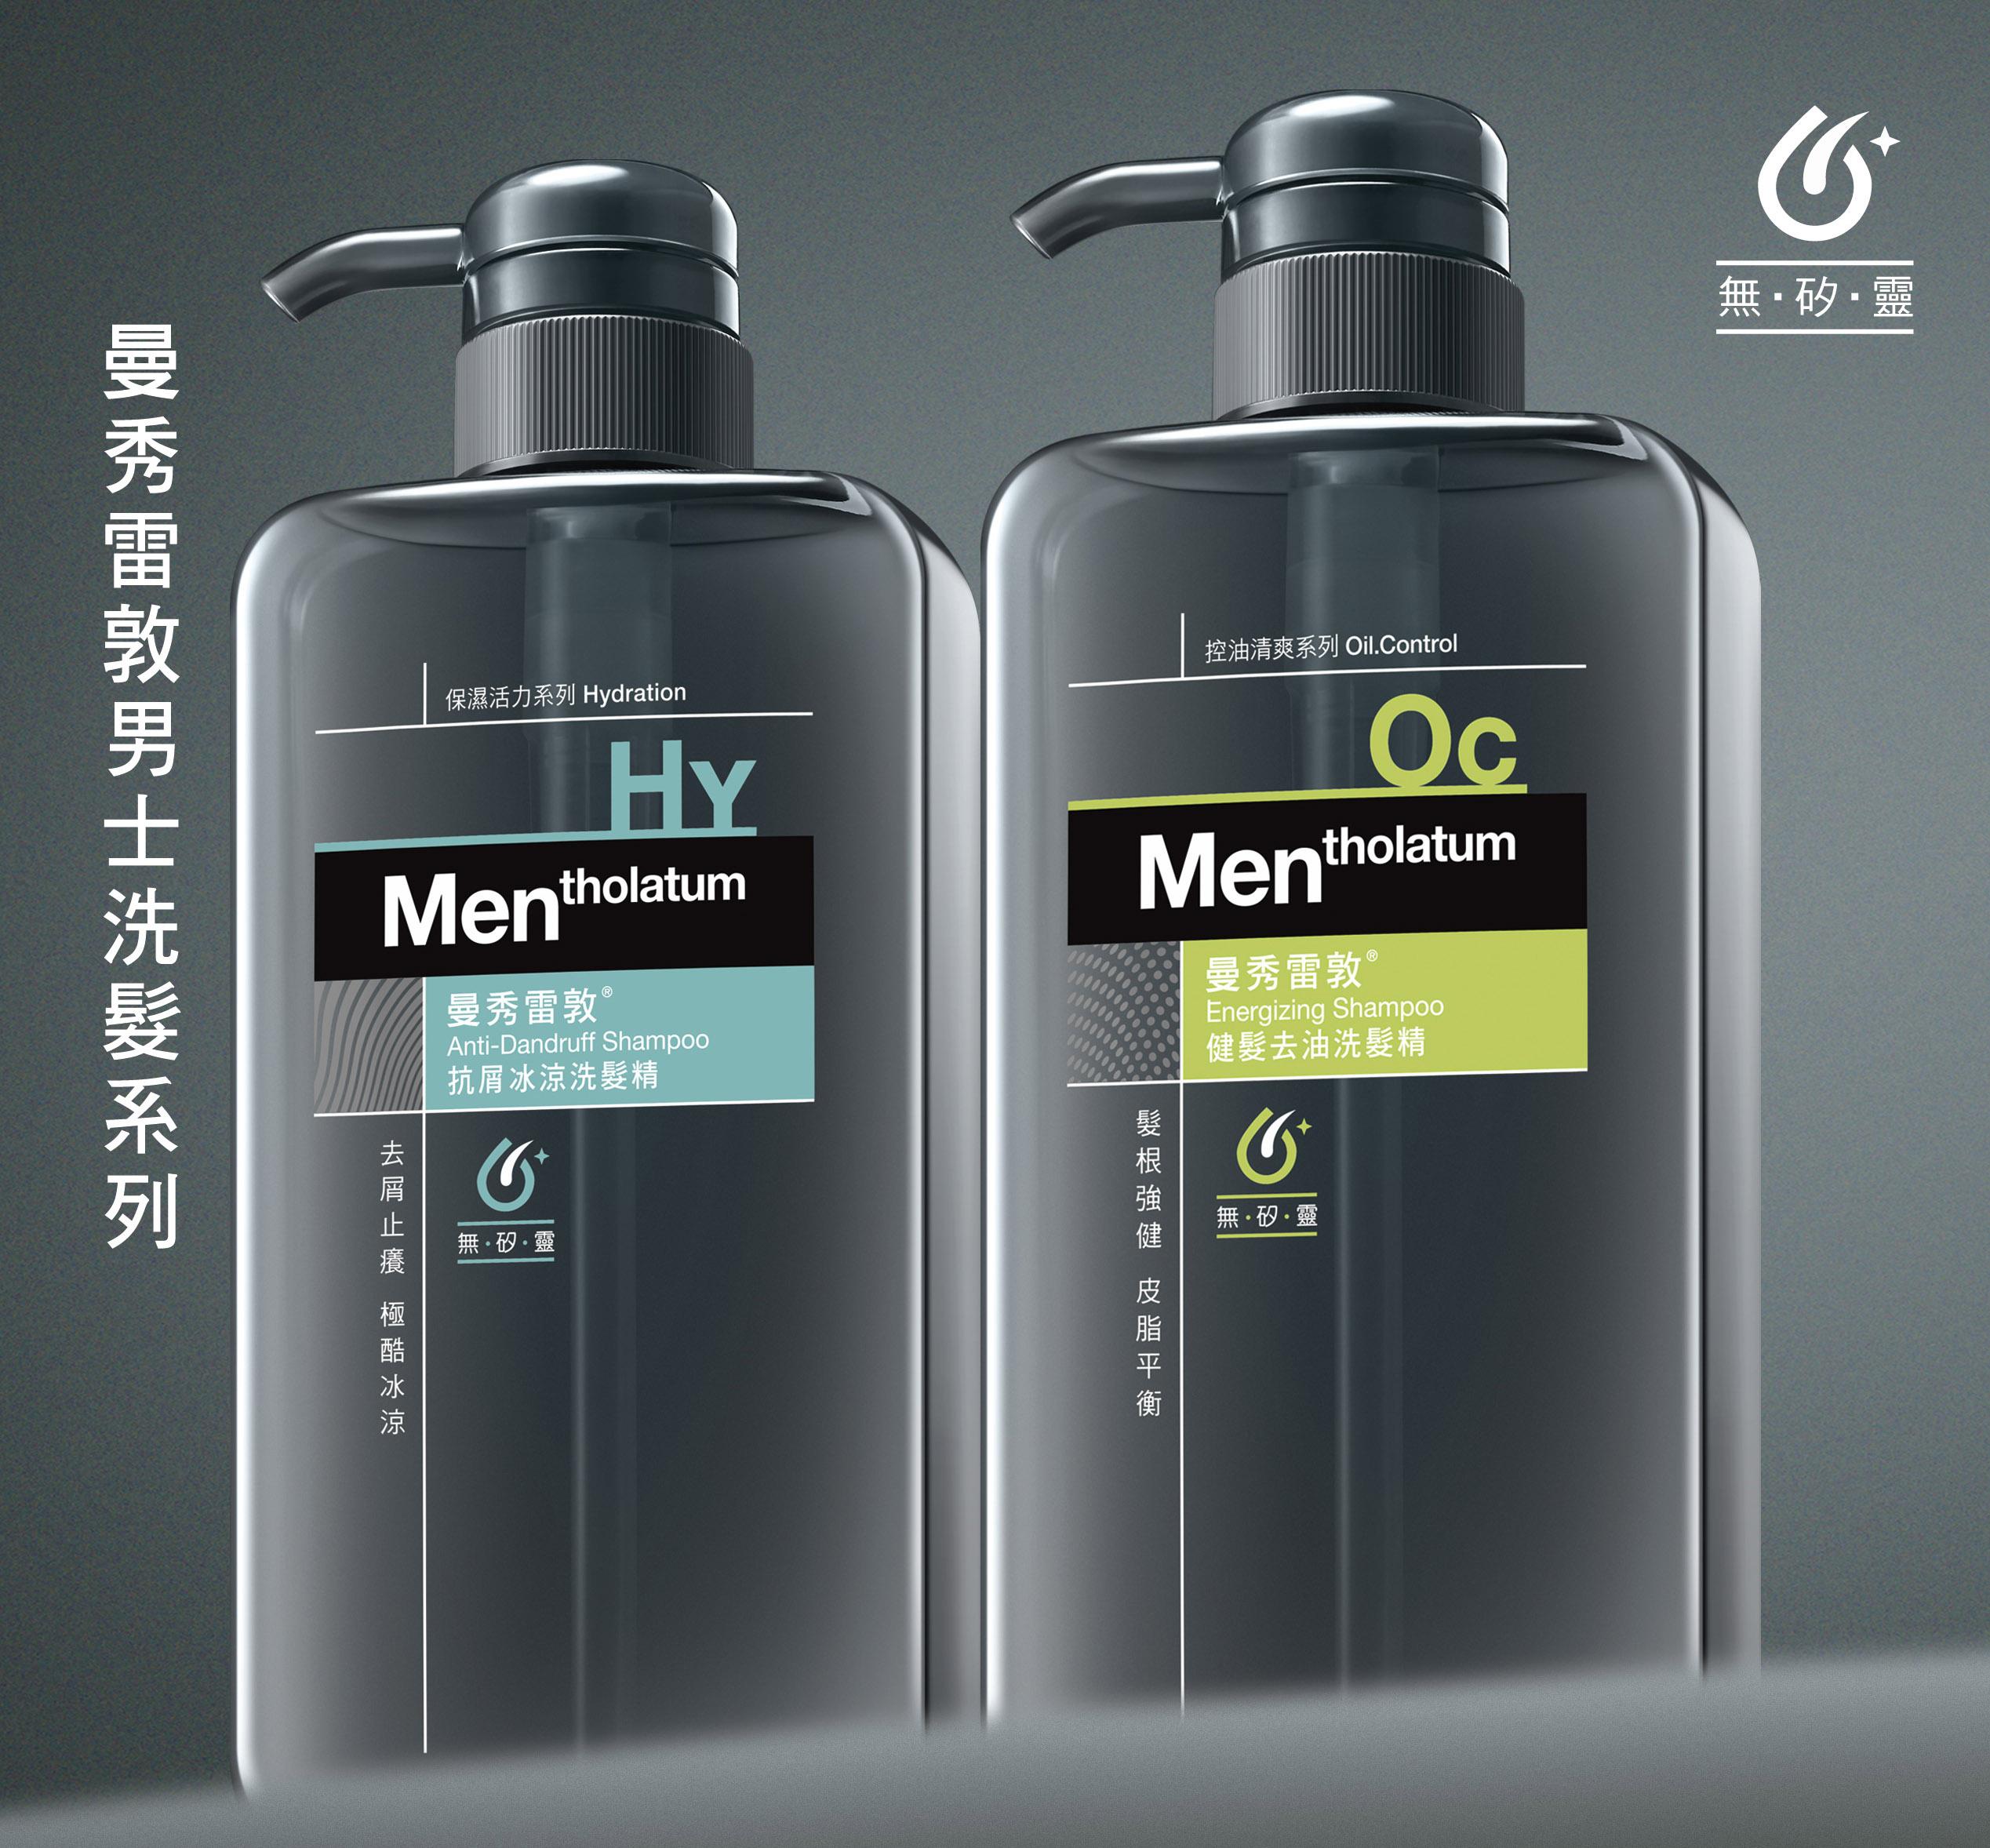 曼秀雷敦男士洗髮系列2